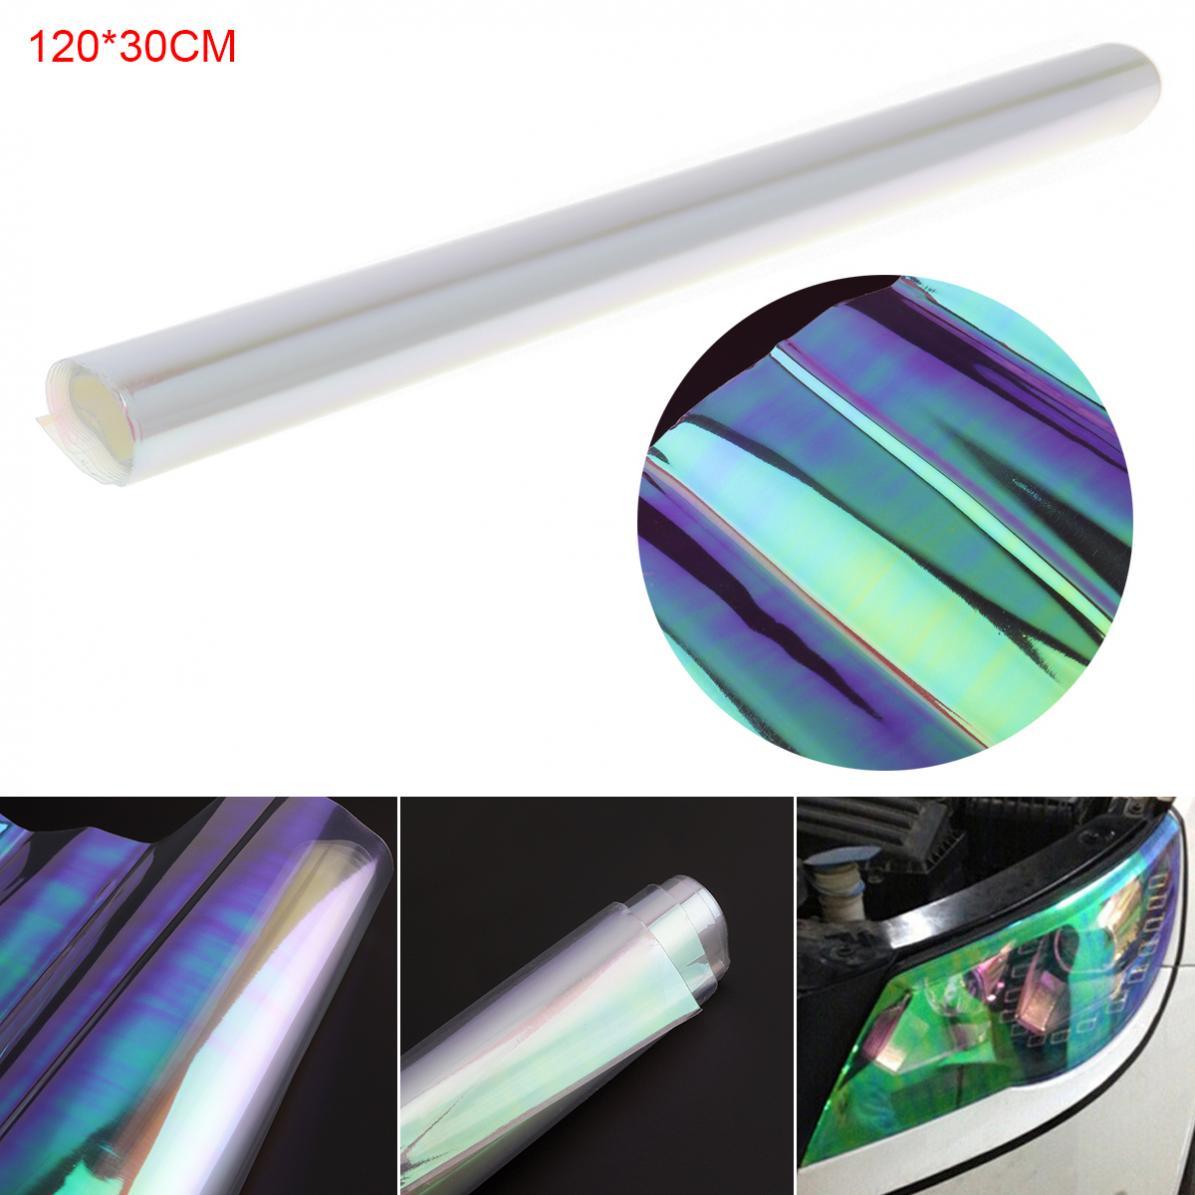 120x30 Cm Pvc Trasparente Colourful Auto Del Faro Sticker Automobile Fanale Posteriore Della Lampada Della Nebbia Di Colore Cambiare Film Autoadesivo Prima Qualità